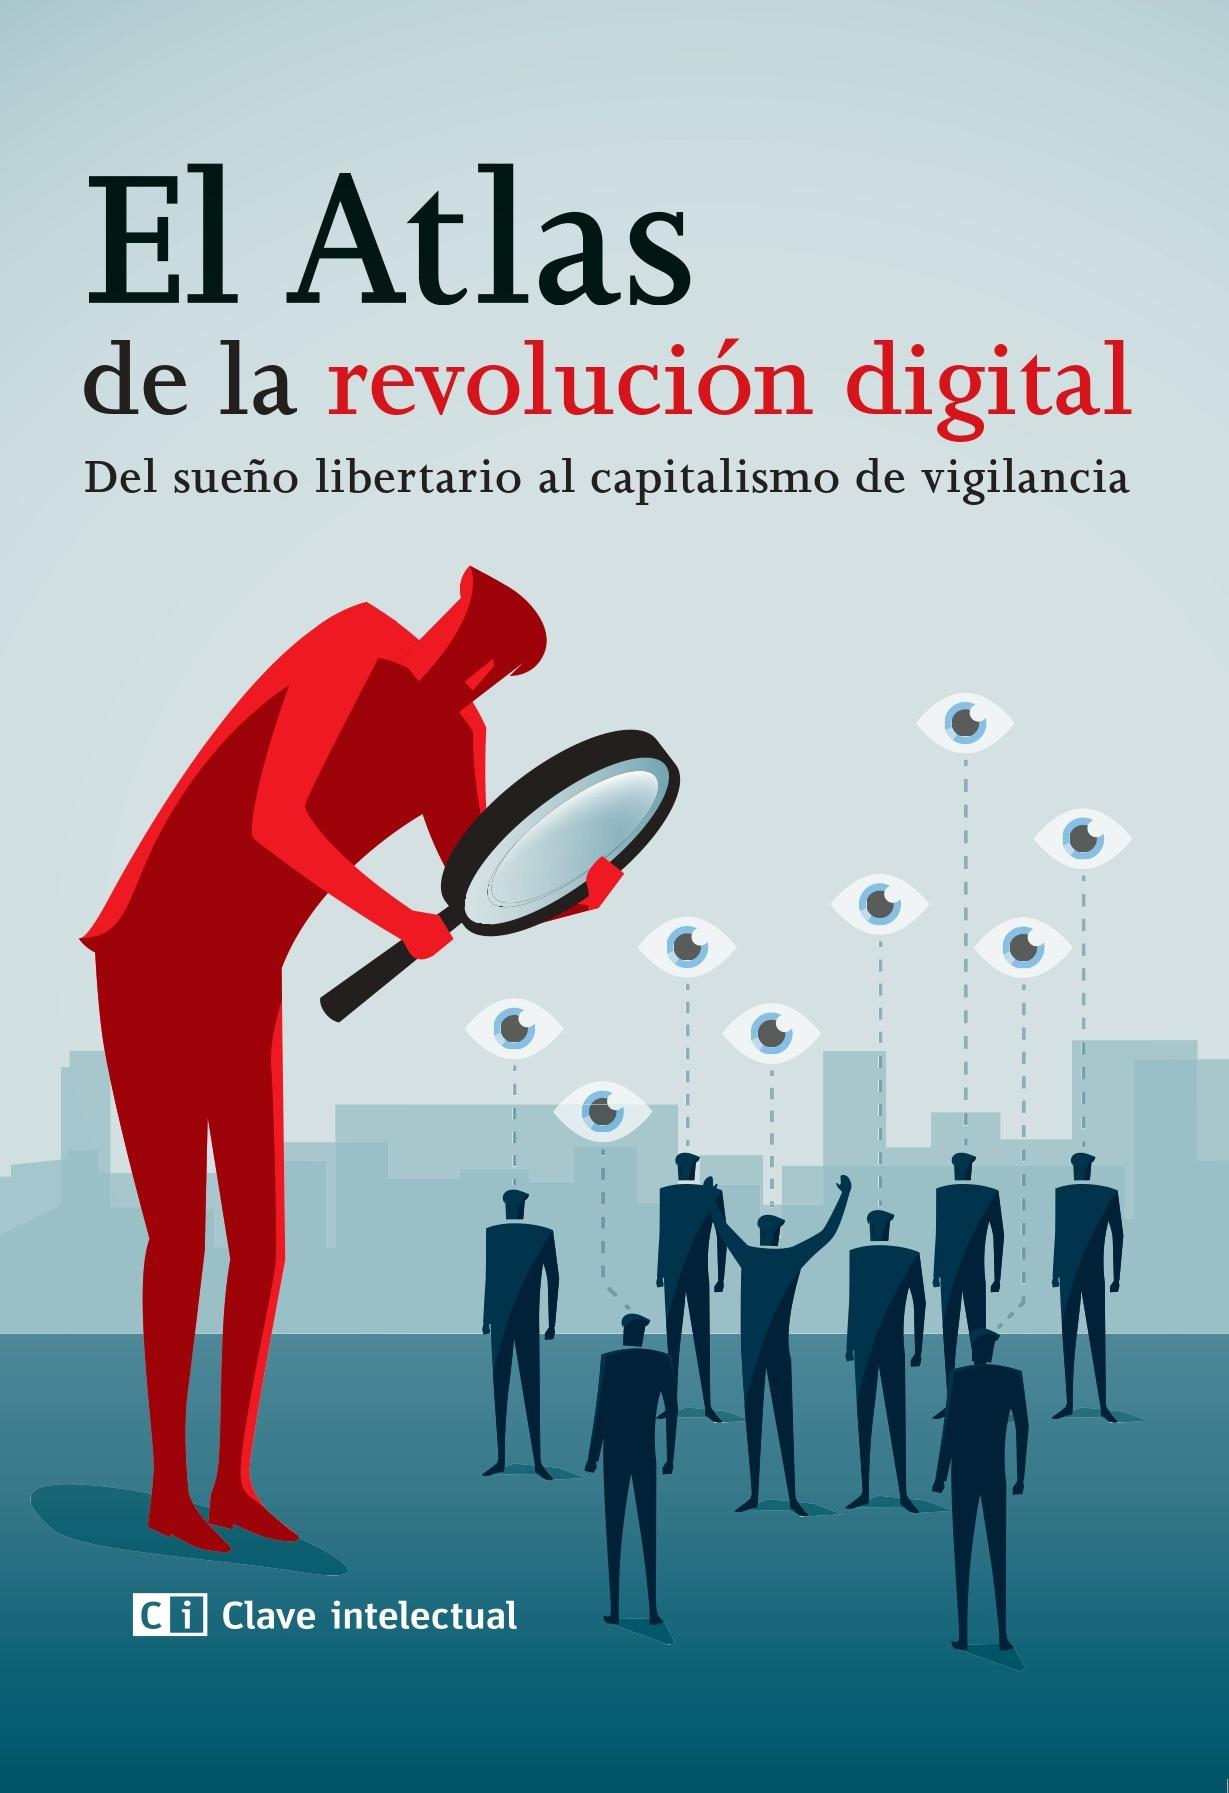 El Atlas de la revolución digital «Del sueño libertario al capitalismo de vigilancia»